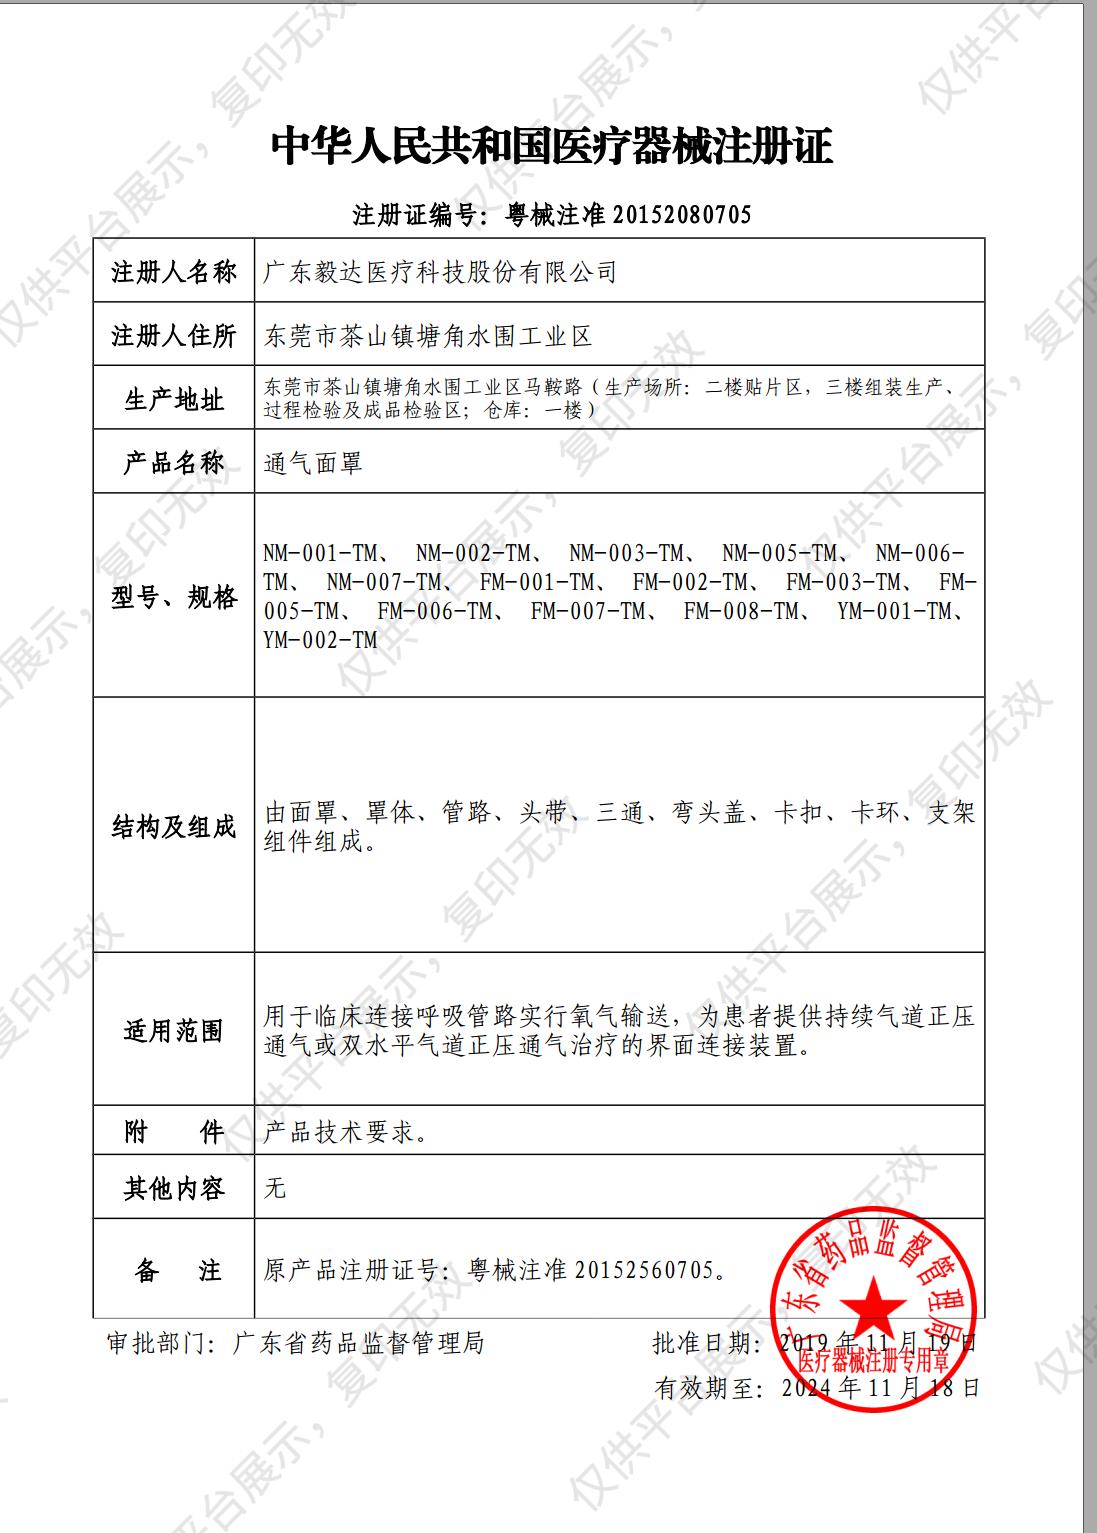 安睡美消毒宝 XD100(适用于呼吸机)XD100注册证